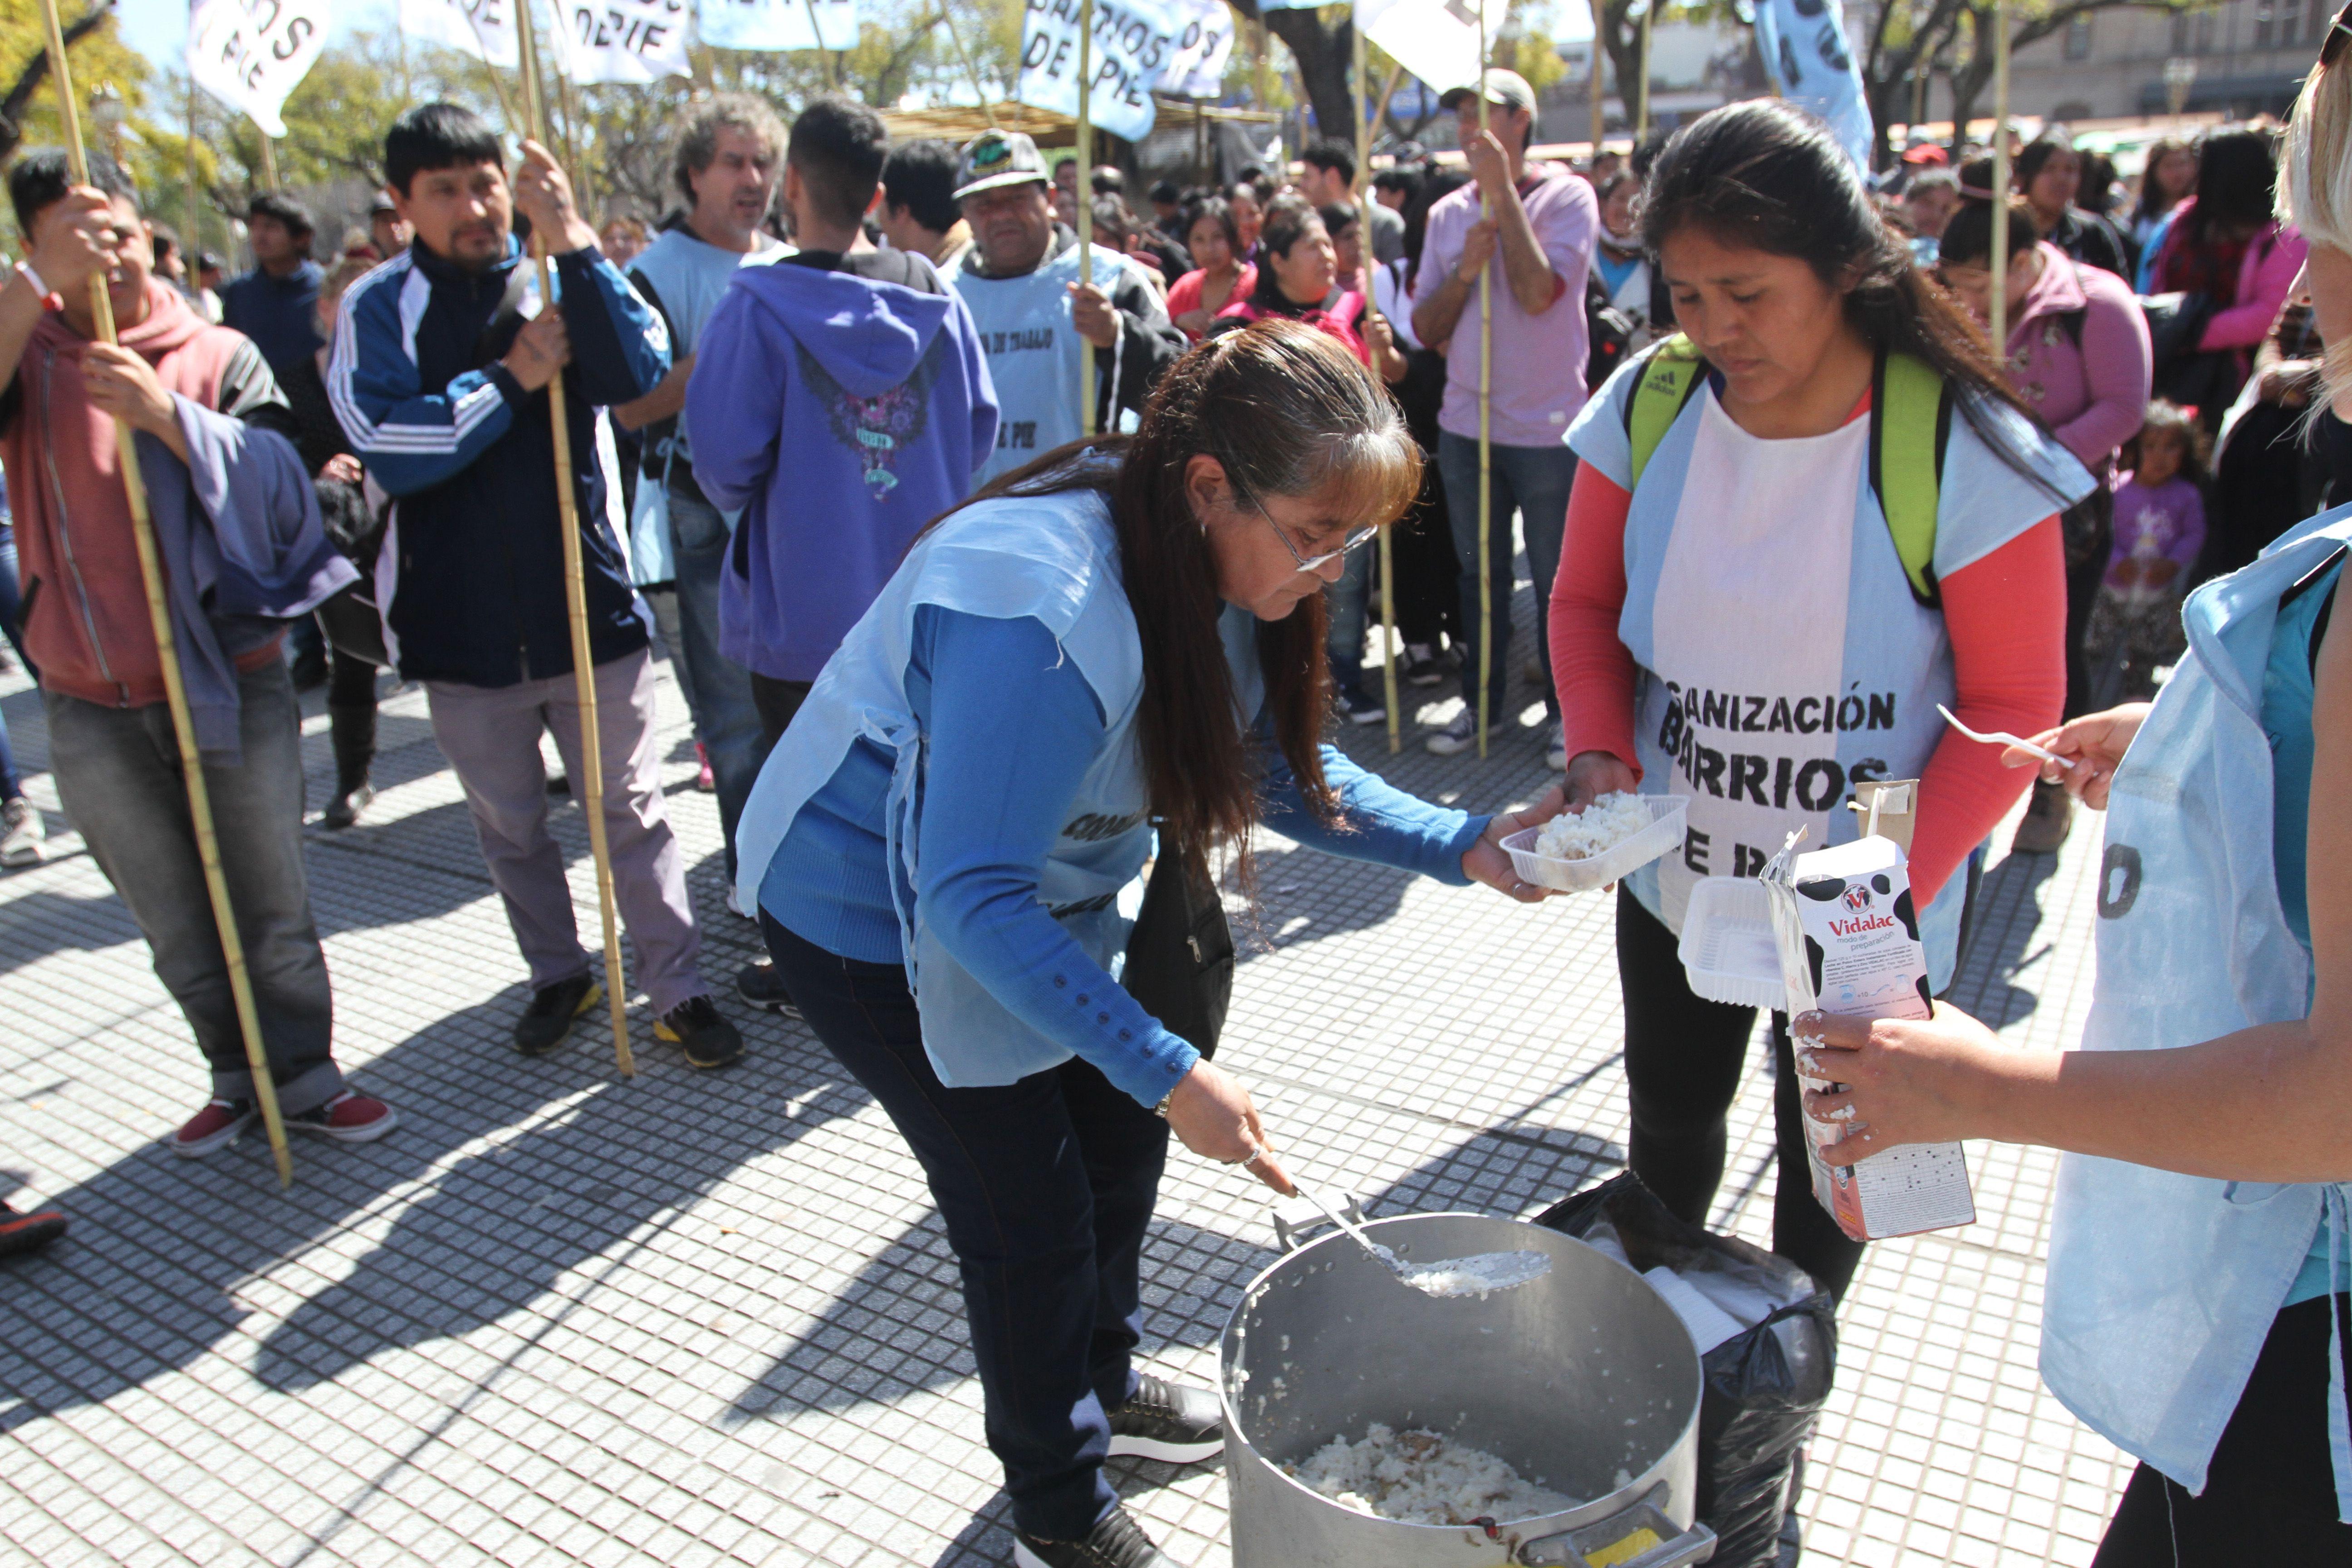 Con ollas populares y acampe, Barrios de Pie reclamó por el creciente desempleo